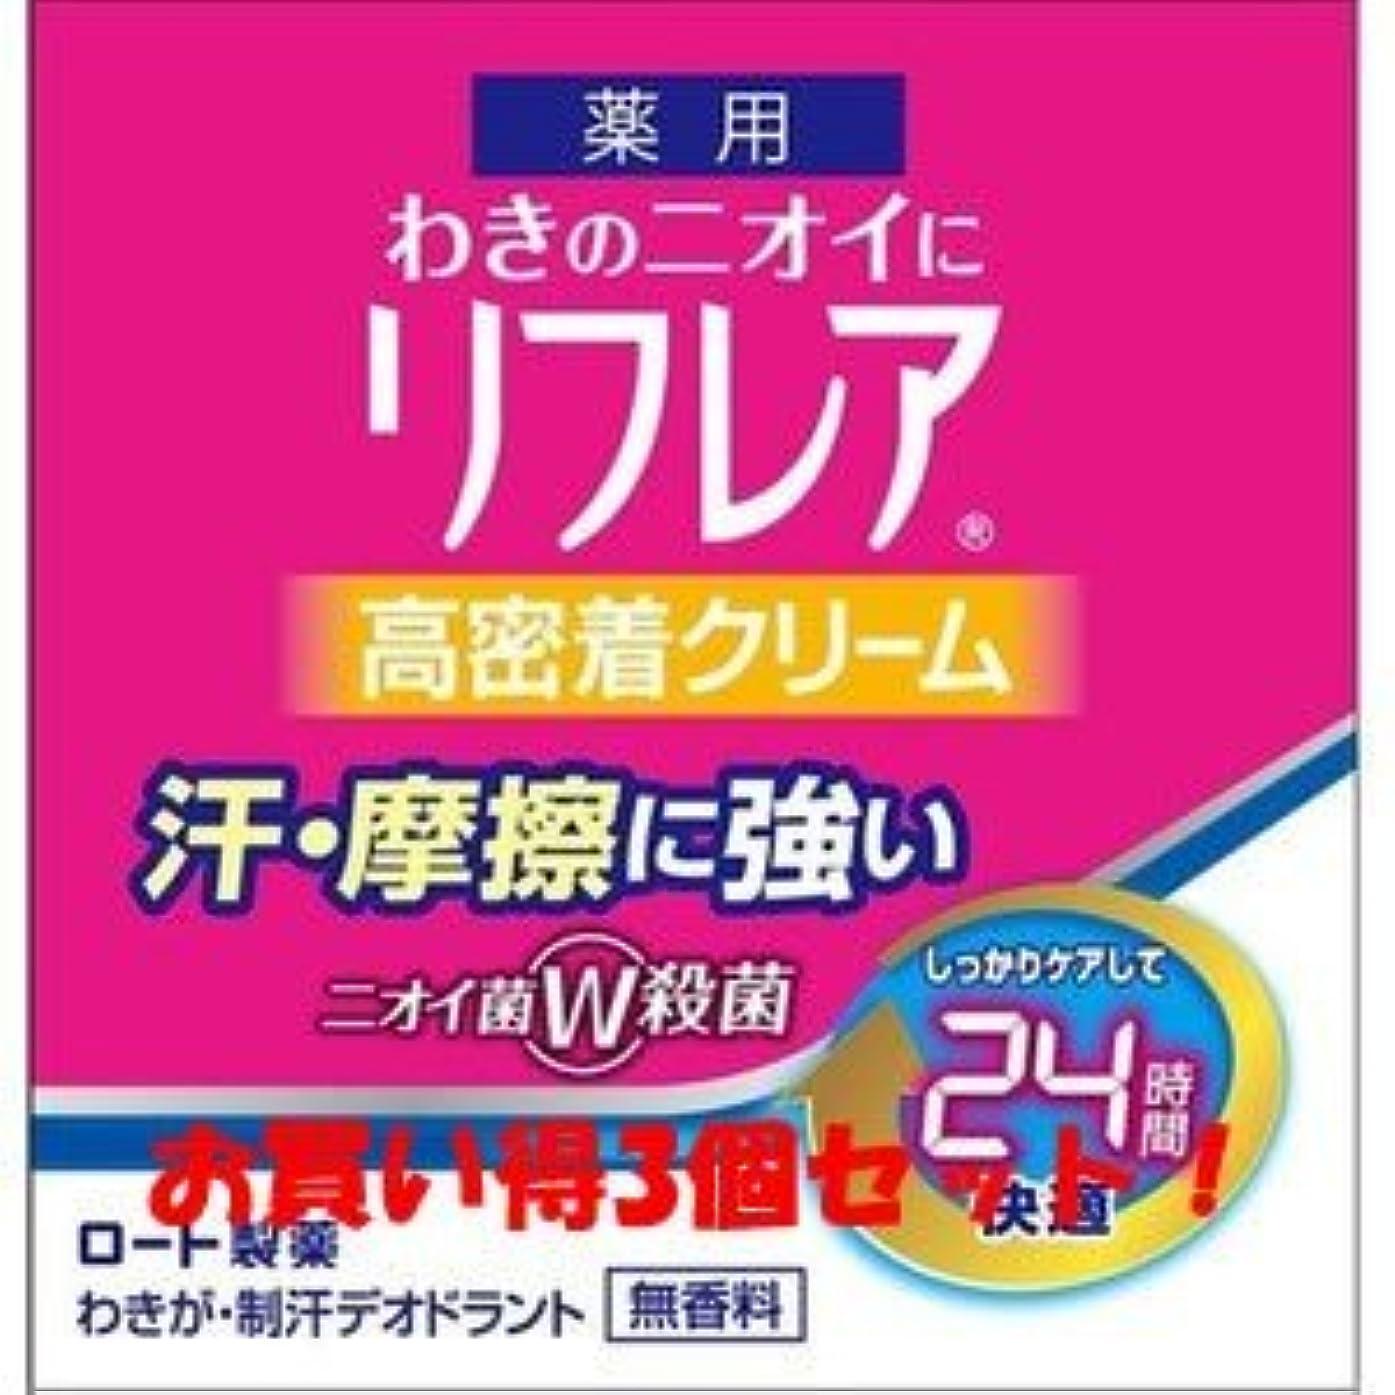 野心自然吸い込む(ロート製薬)メンソレータム リフレア デオドラントクリーム 55g(医薬部外品)(お買い得3個セット)